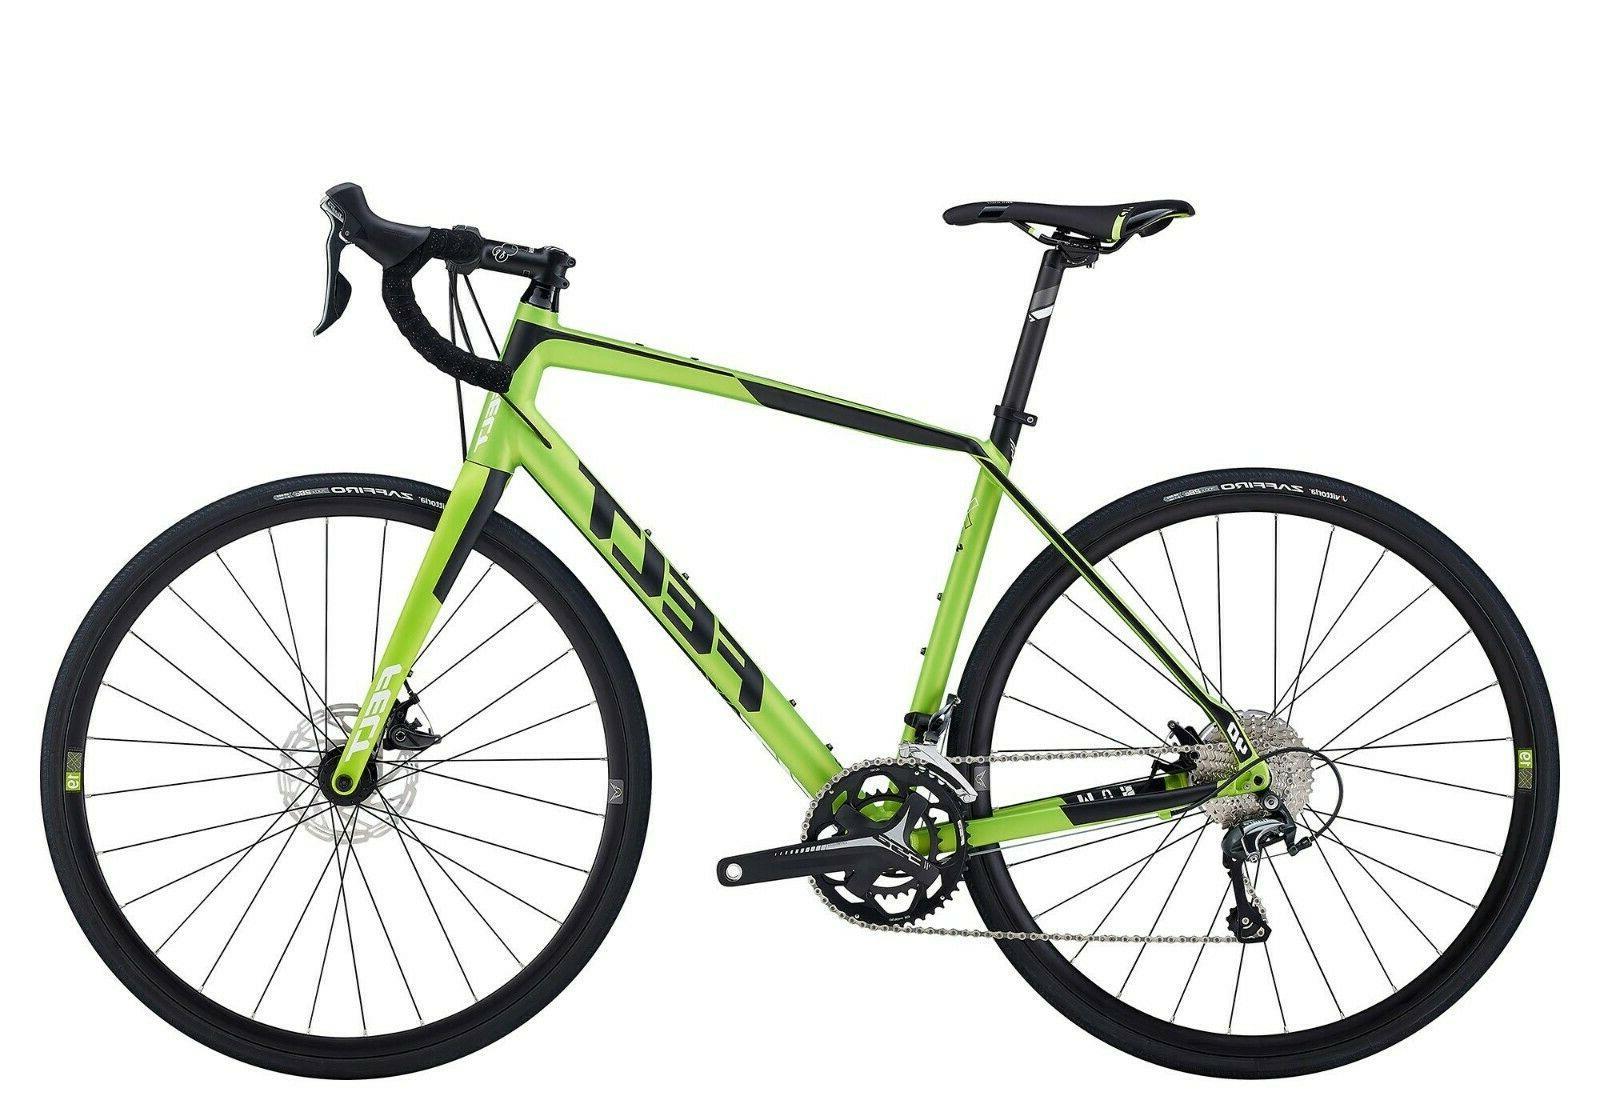 2018 vr40 aluminum tiagra disc road bike